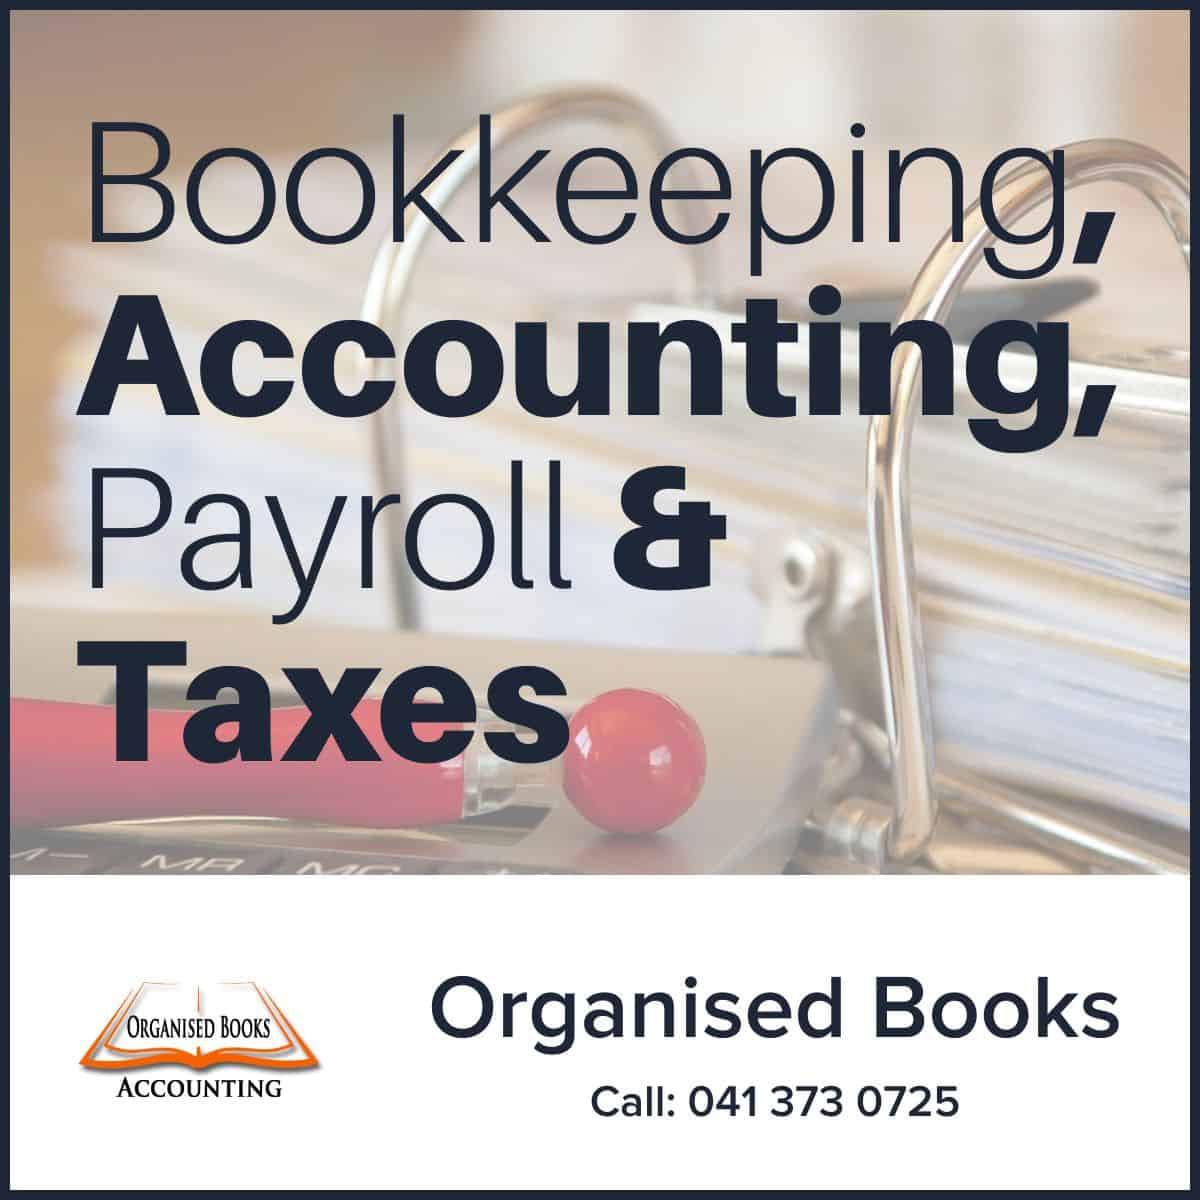 Organised Books